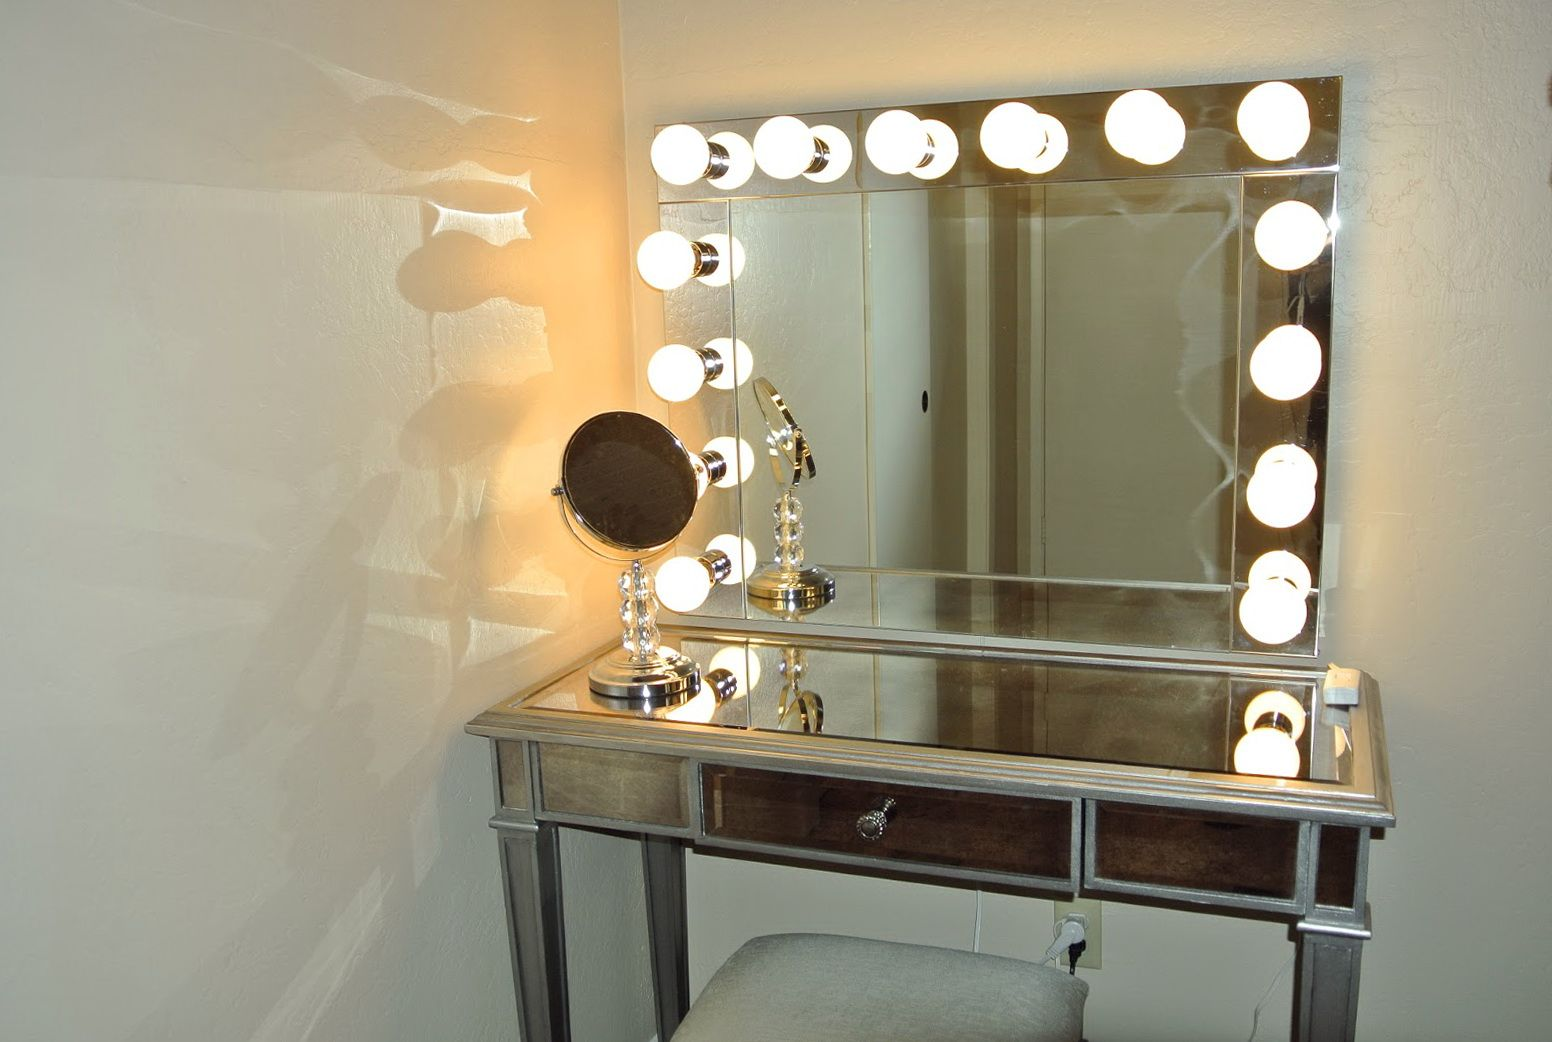 Hollywood Schminkspiegel Ein Satiniertes Glas Ein Stuck Eitelkeit Gibt Ihnen Einen Exotisc Schlafzimmer Wandspiegel Schminktisch Mit Licht Wandspiegel Modern